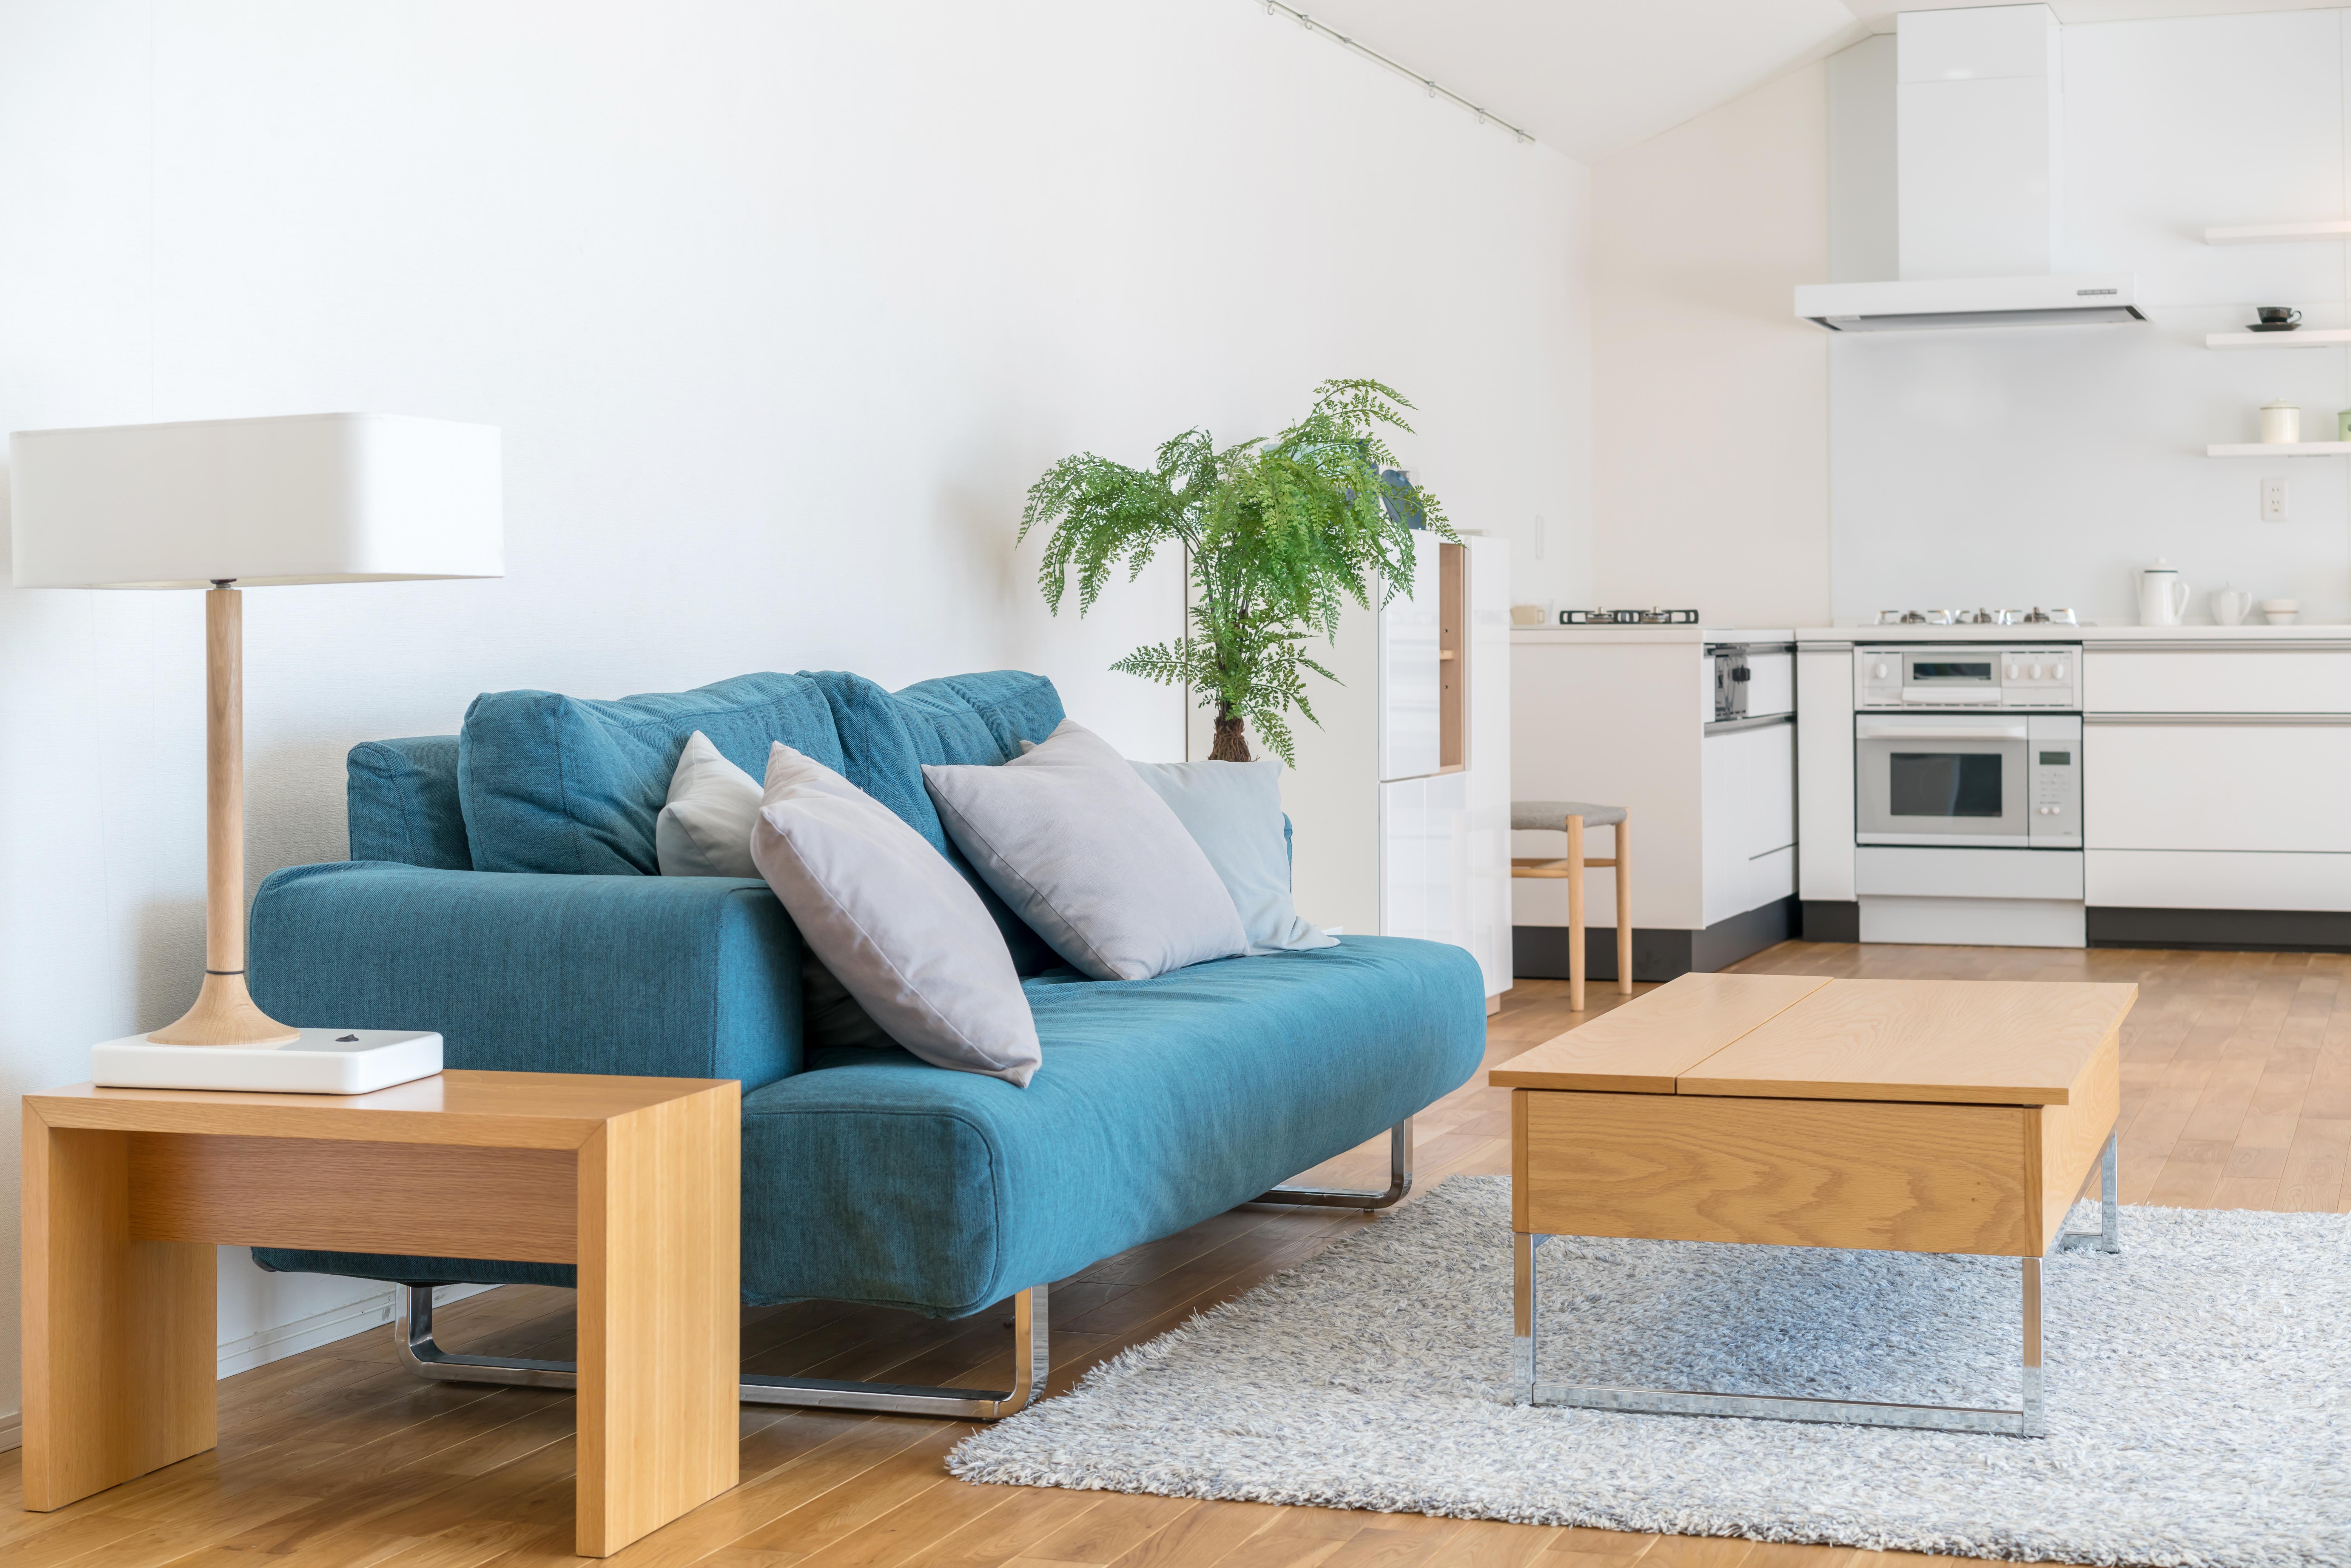 【連載#3】レンタル家具付きモデルルームはインパクト大/家具付き物件で入居のハードルを下げる